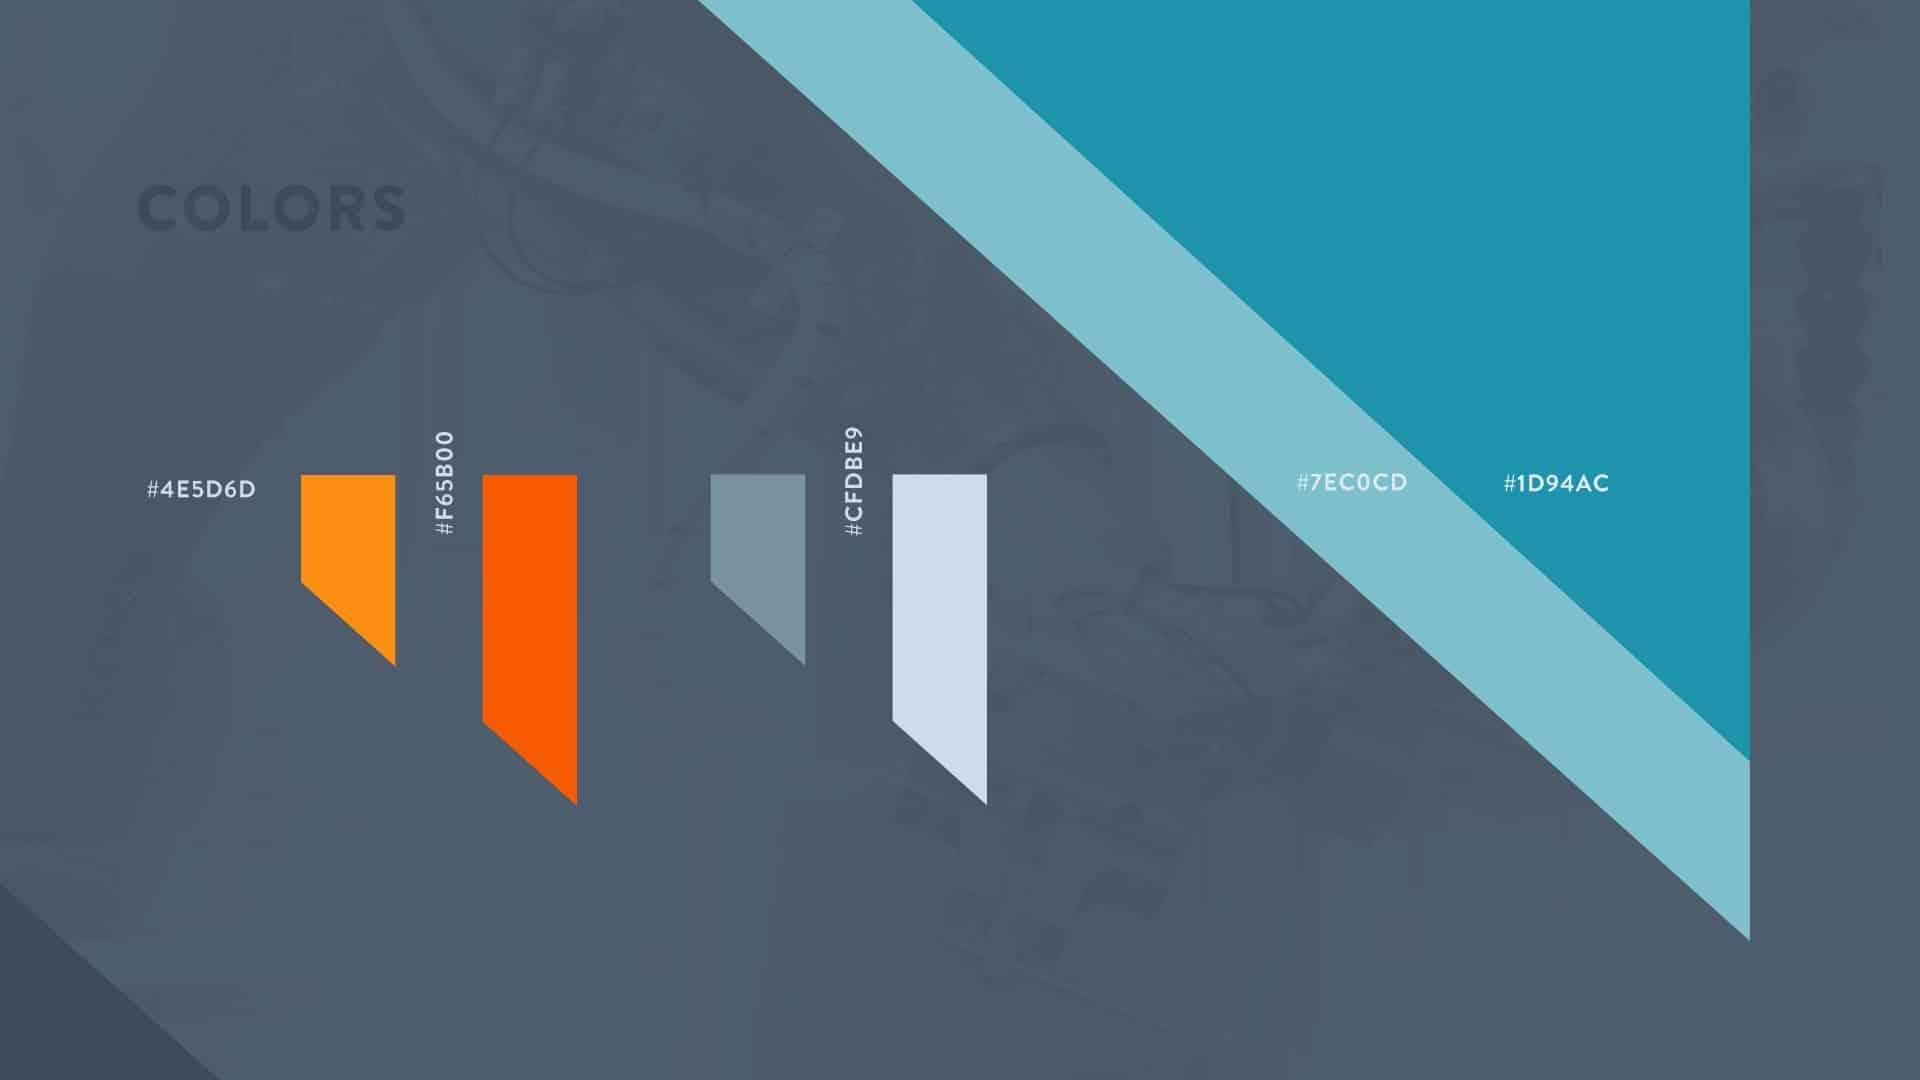 Корпоративный дизайн компании становится узнаваемым благодаря особой цветовой гамме